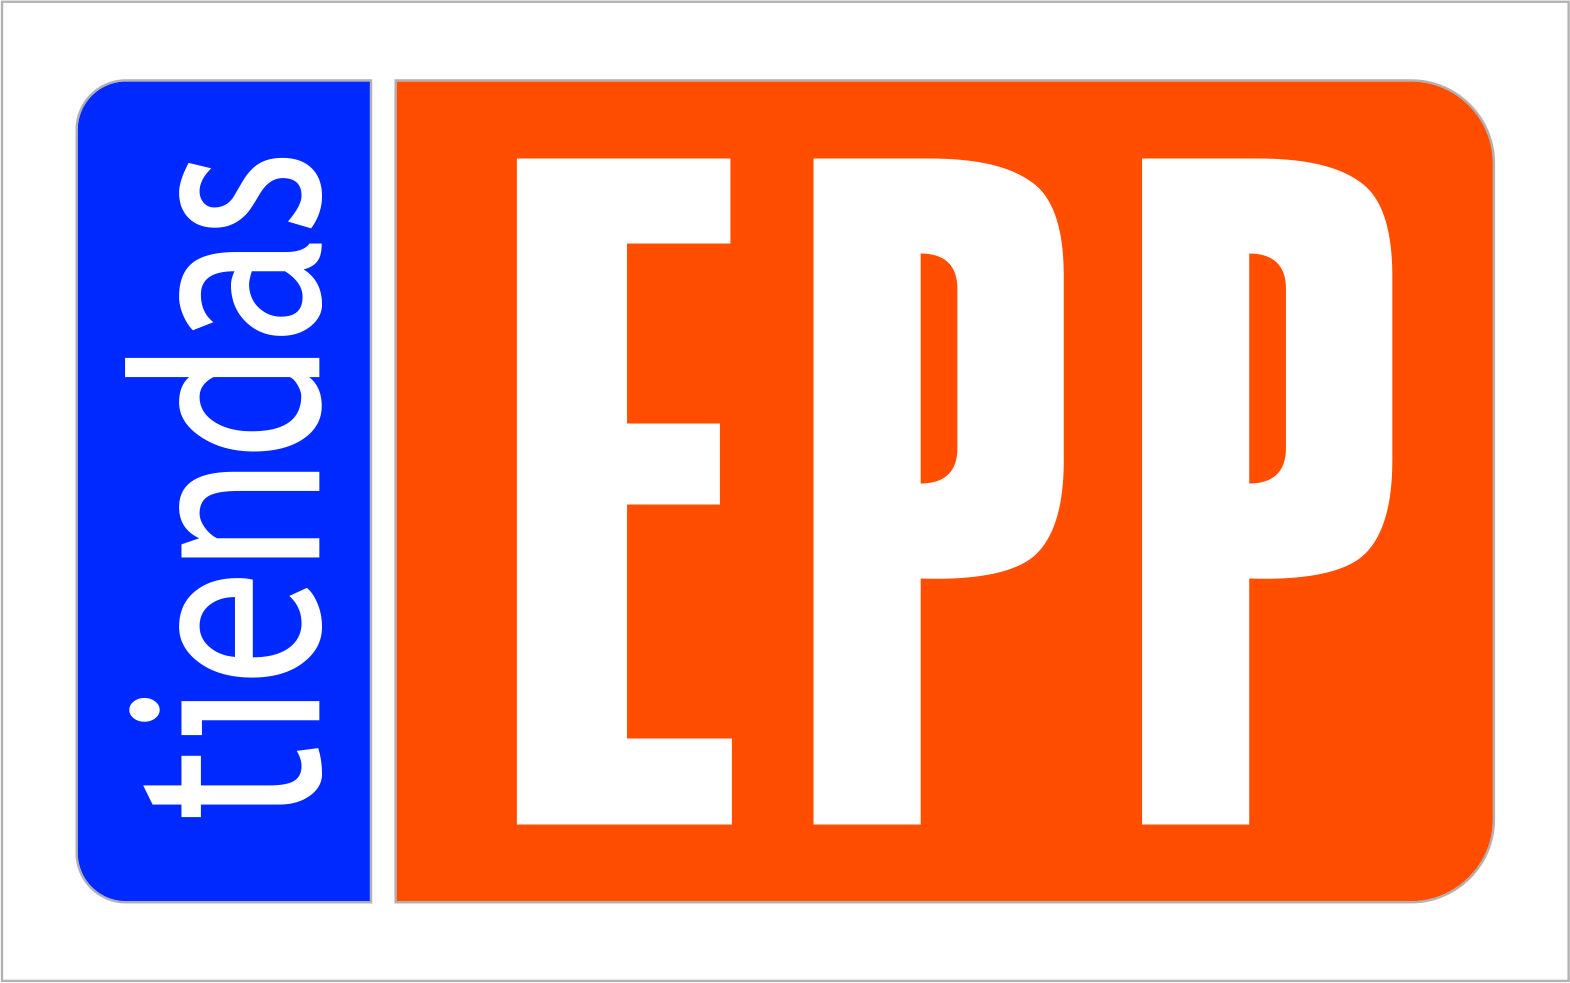 Tiendas EPP®